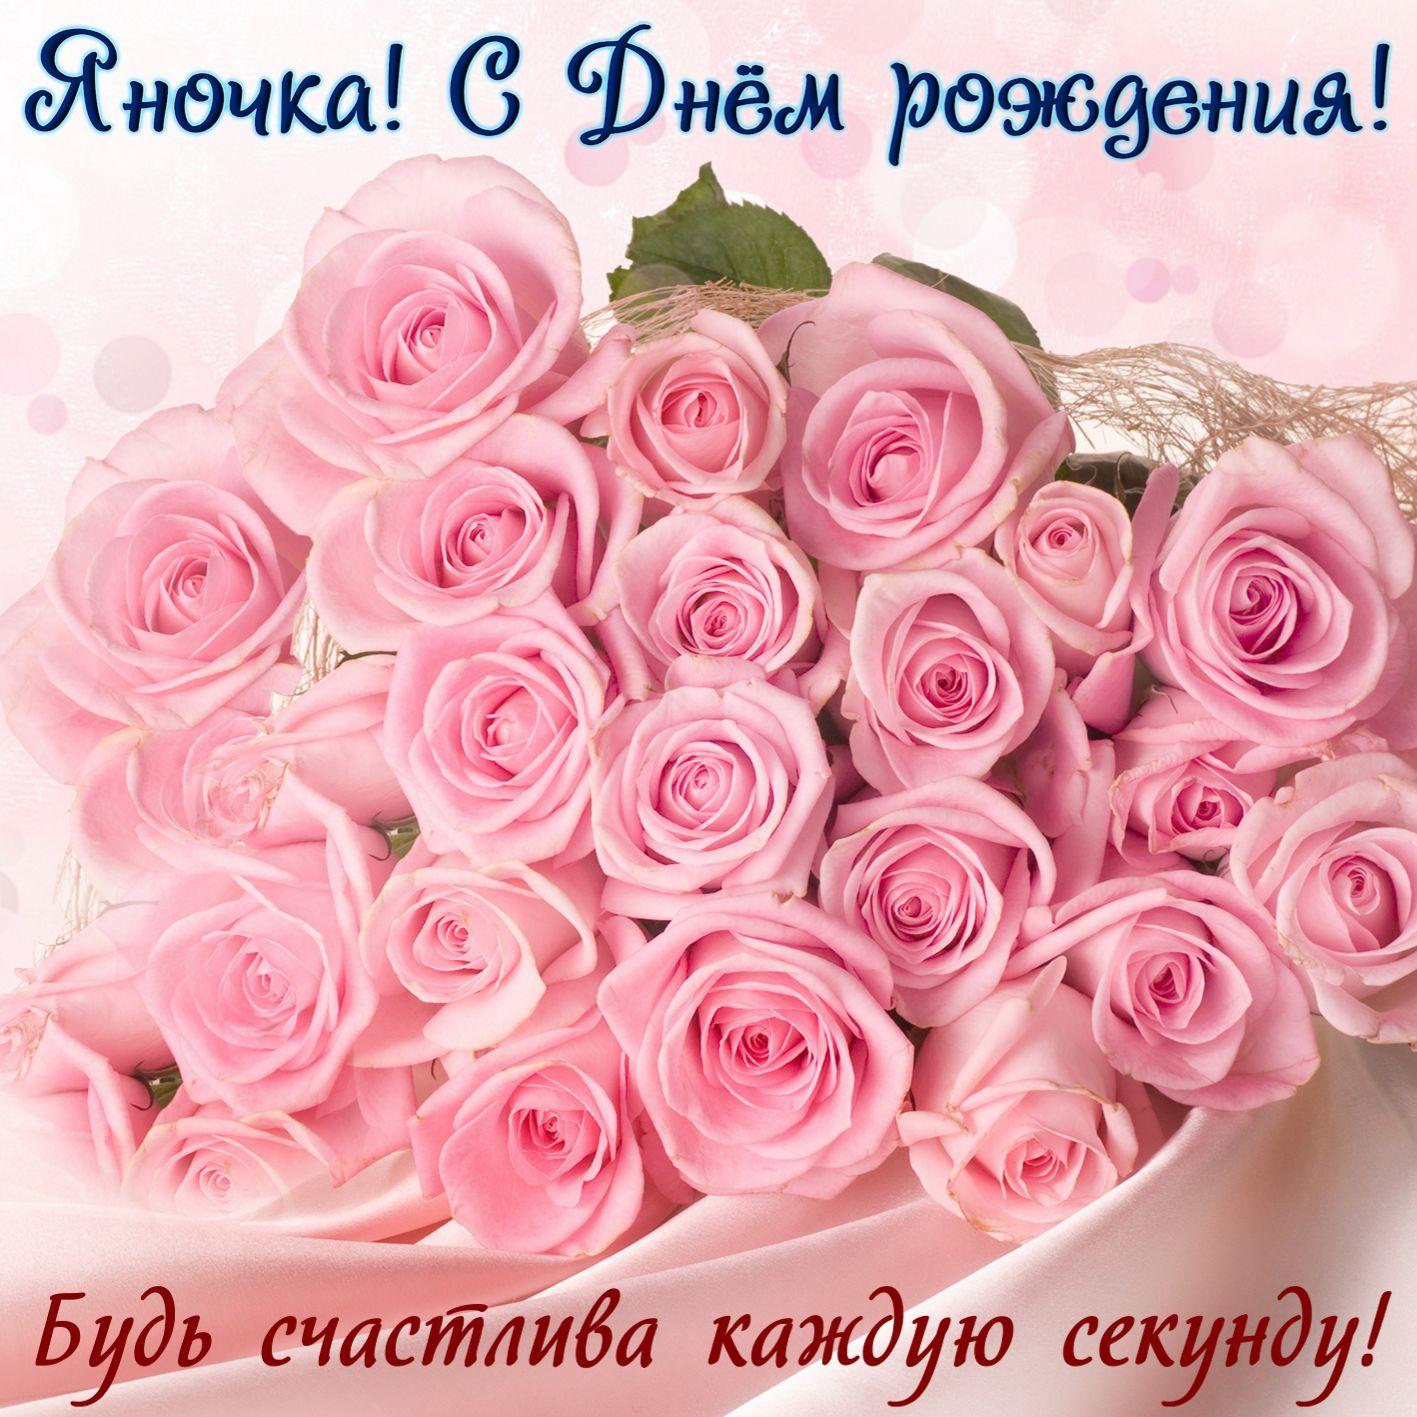 Розы для валюши картинки, сыну года картинки